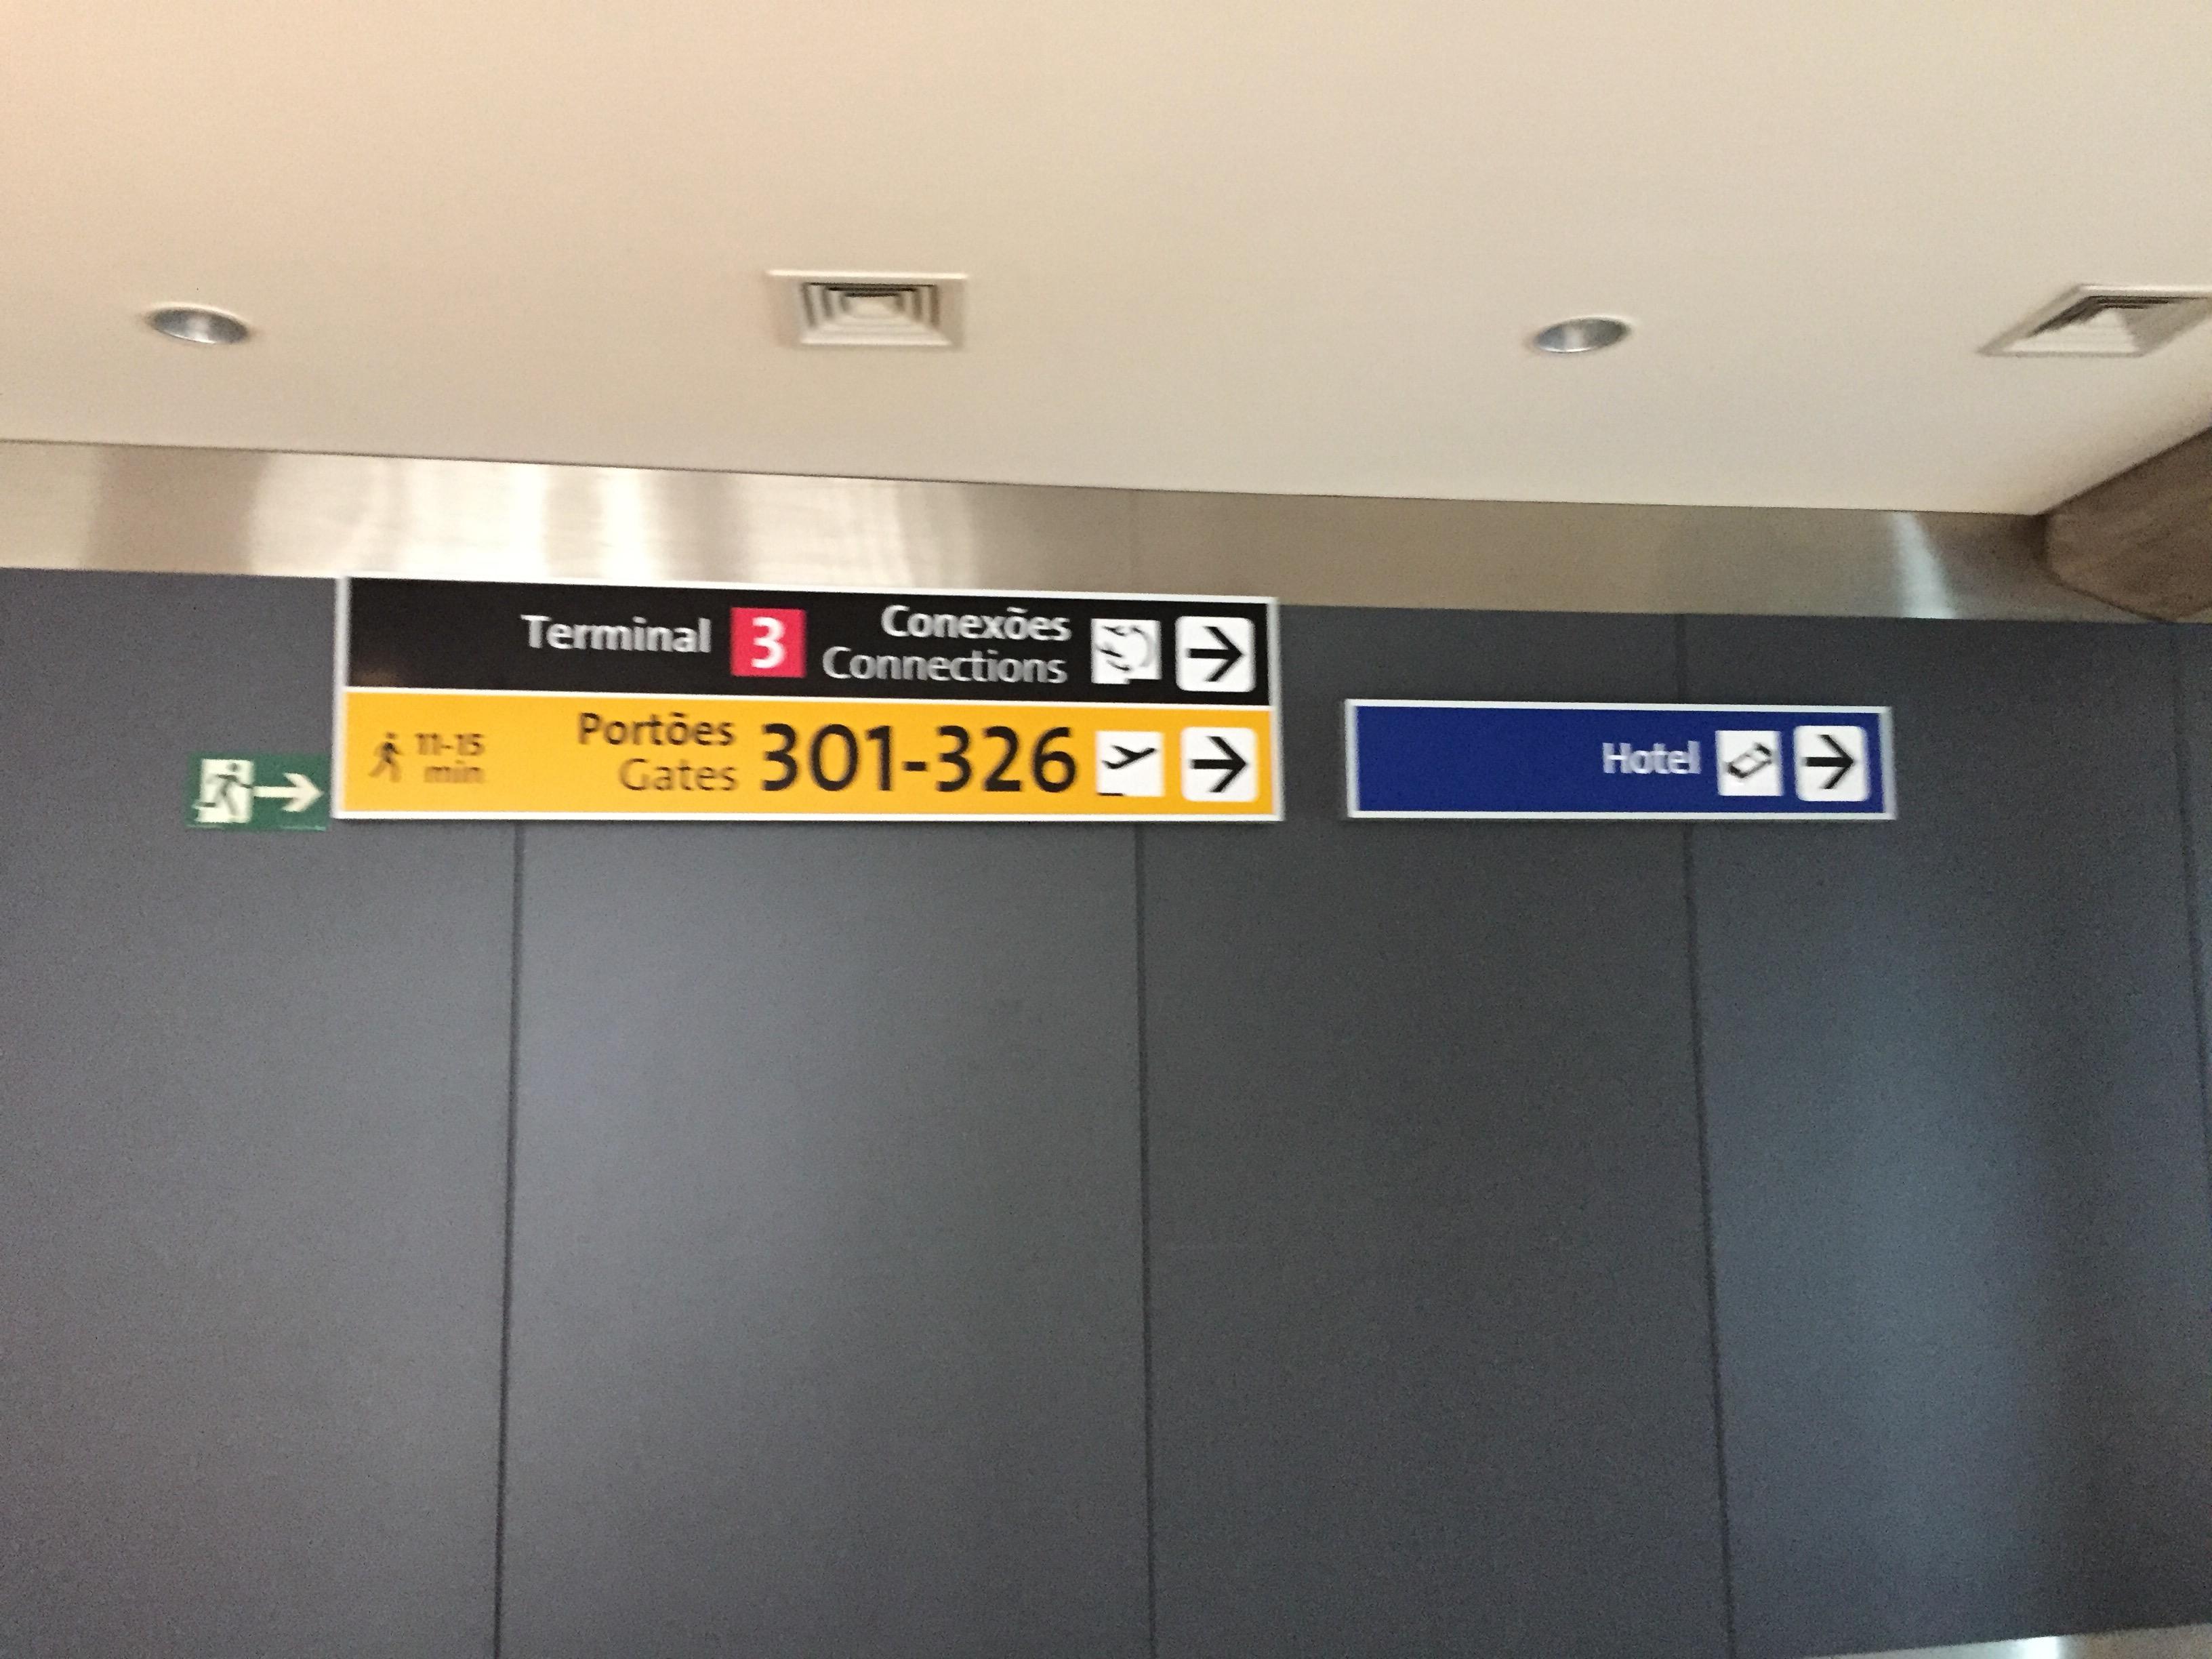 img 9598 1 - Cambio de Terminales en Guarulhos (San Pablo) para los vuelos regionales y sus caóticas consecuencias